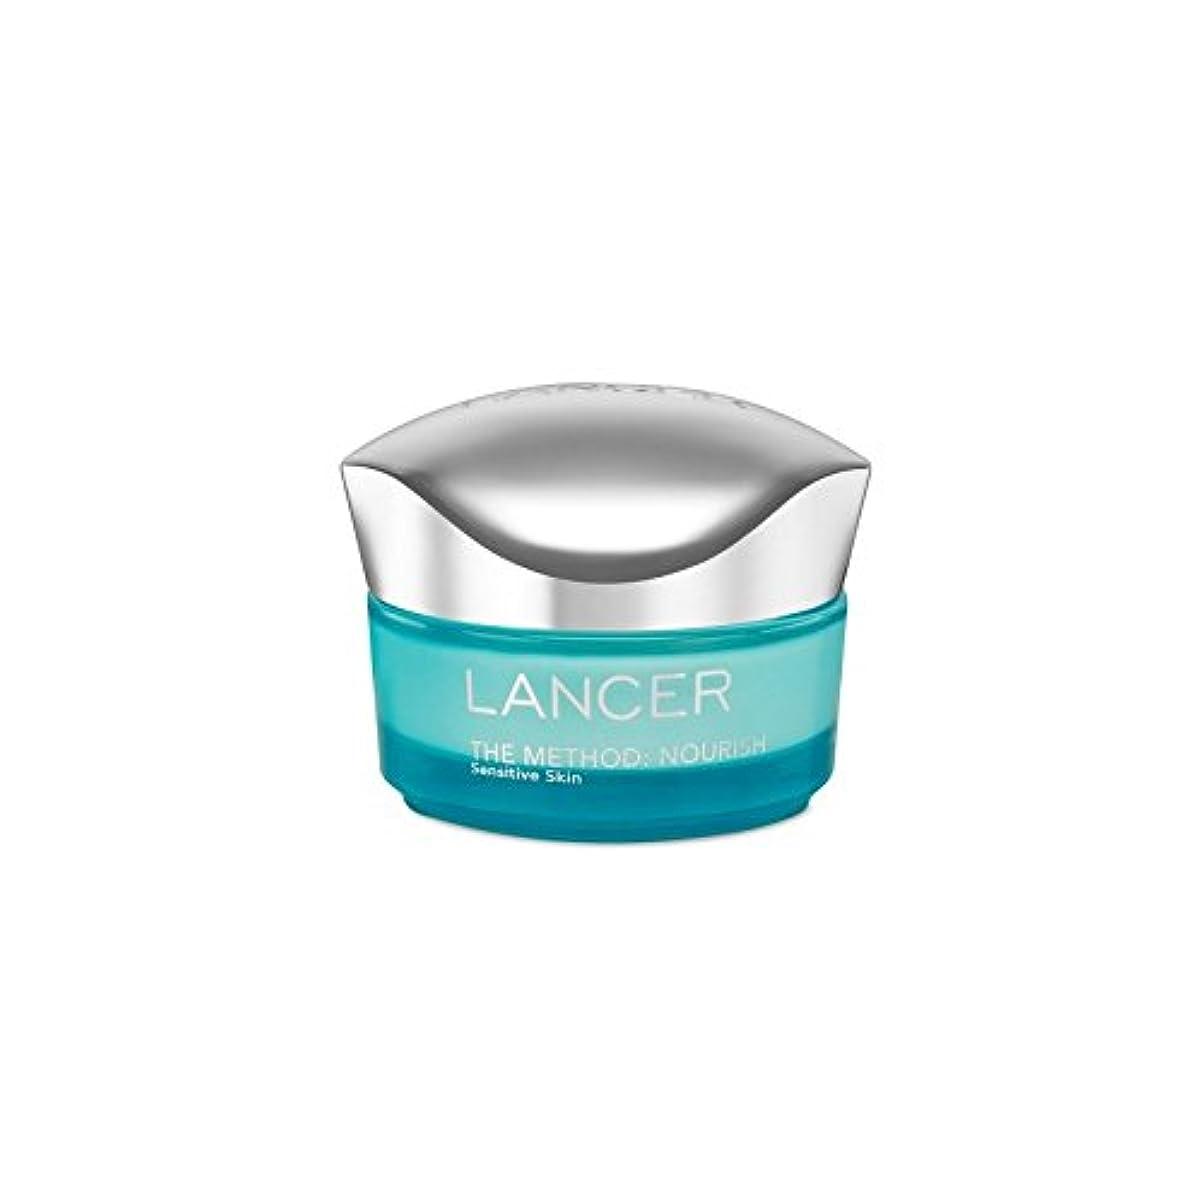 アンティーク弓アドバンテージランサーは、この方法をスキンケア:保湿敏感肌(50)に栄養を与えます x2 - Lancer Skincare The Method: Nourish Moisturiser Sensitive Skin (50ml)...